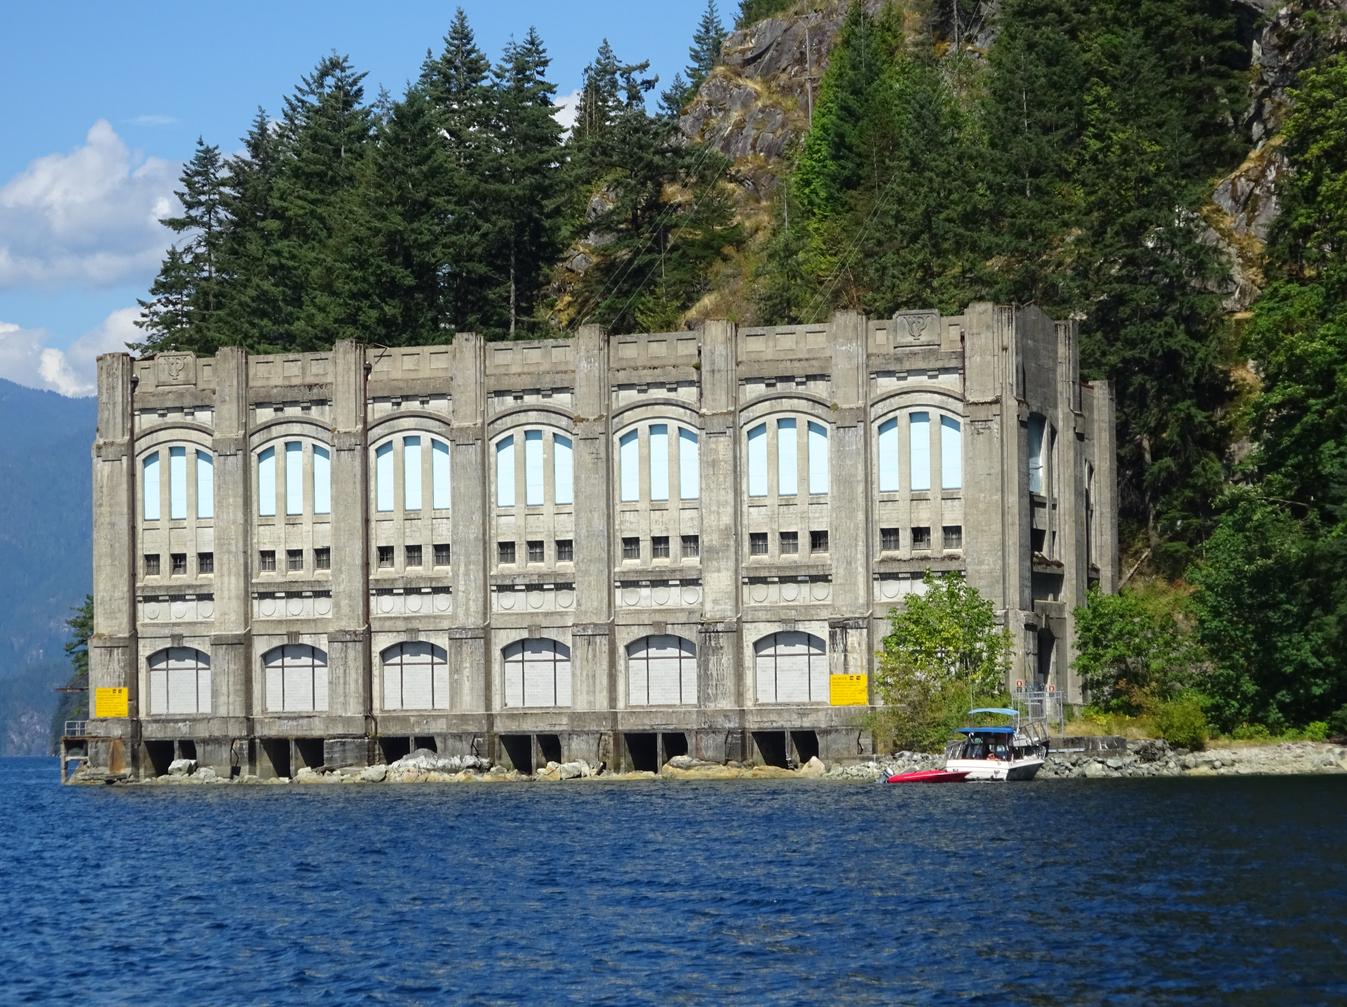 Buntzen Lake Powerhouses